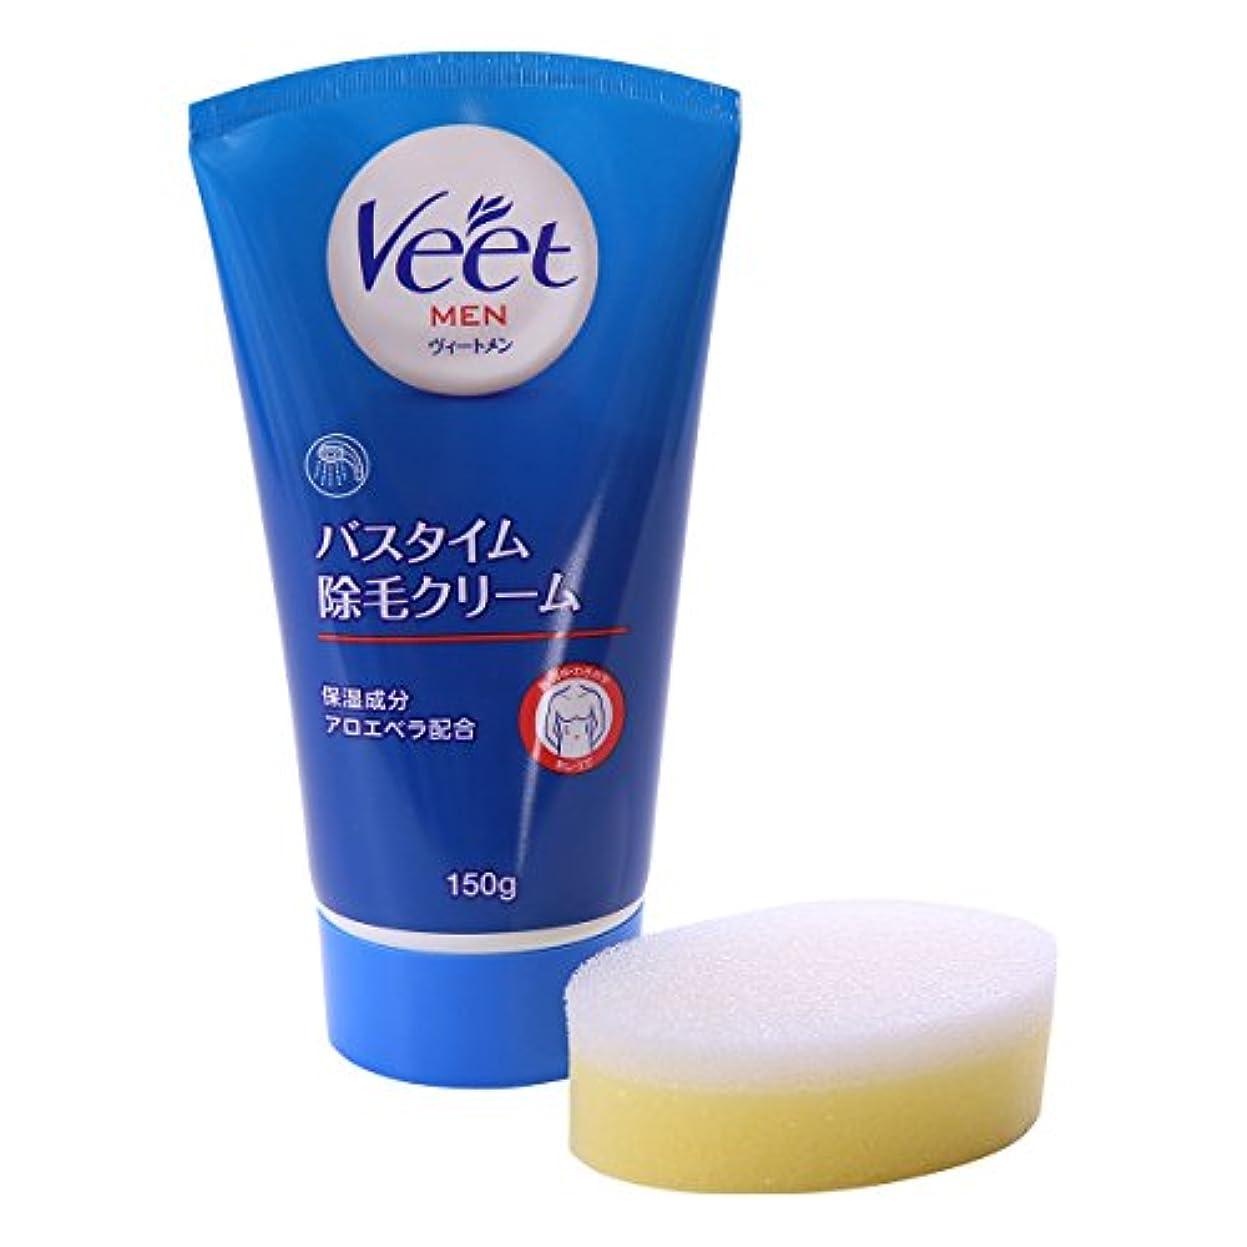 調和のとれた競争力のある麦芽(ヴィート)Veet メンズ バスタイム 除毛クリーム あし うで 胸 背中 わきの下